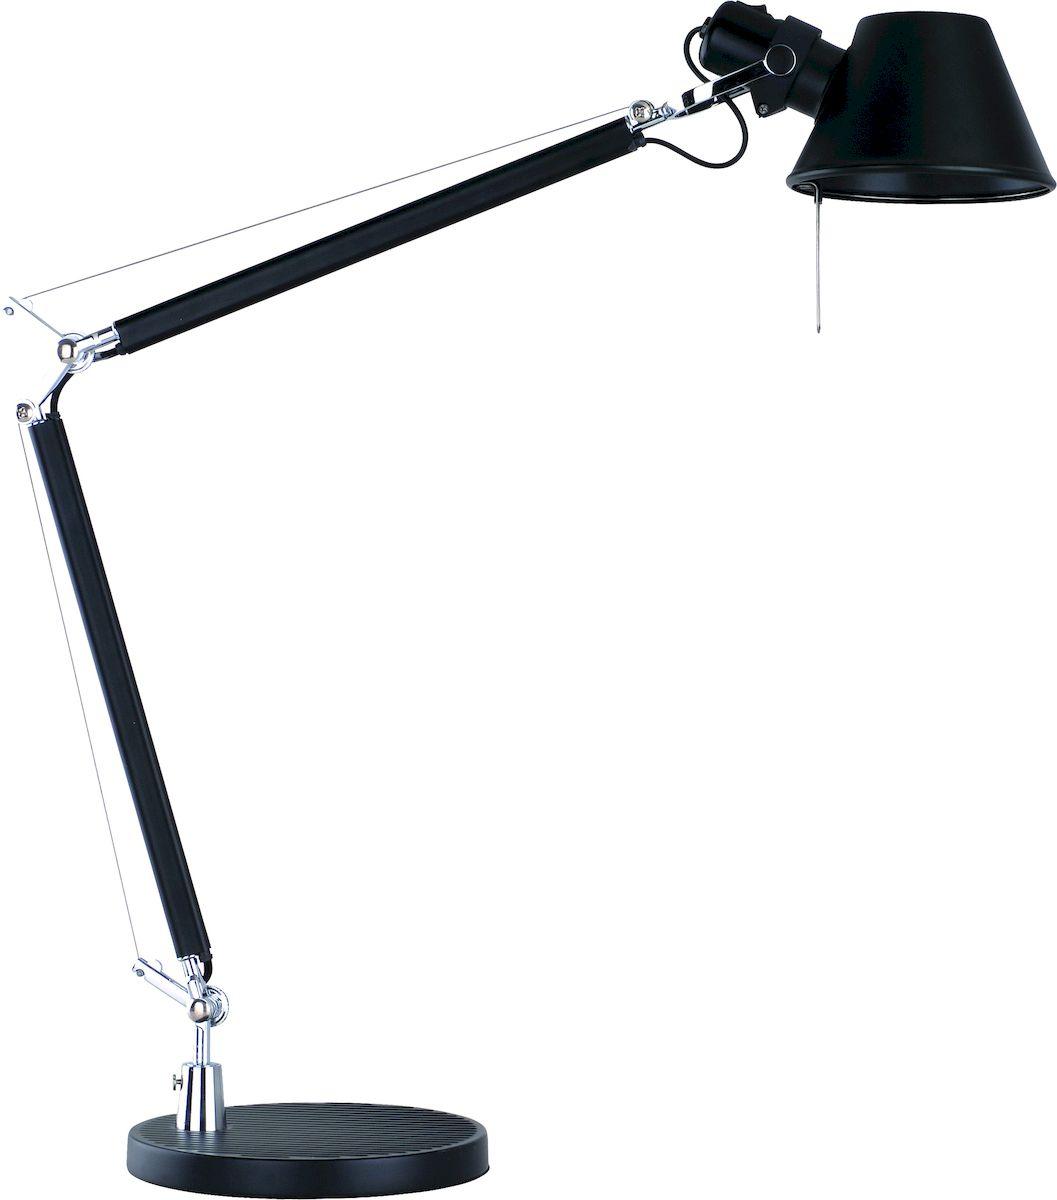 Светильник настольный Arte Lamp Airone. A2098LT-1BKA2098LT-1BKСветильник Arte Lamp Airone поможет создать в вашем доме атмосферу уюта и комфорта. Благодаря высококачественным материалам он практичен в использовании и отлично работает на протяжении долгого периода времени. Внешний размер: 21 х 52 х 70 см.Материал арматуры: металл крашеный.Материал плафонов/подвесок: металл крашеный.Количество источников света: 1.Мощность источника света: 60 Вт.Цоколь: E27.Напряжение: 220ВНаличие ламп в комплекте: нет.Цвет арматуры: черный.